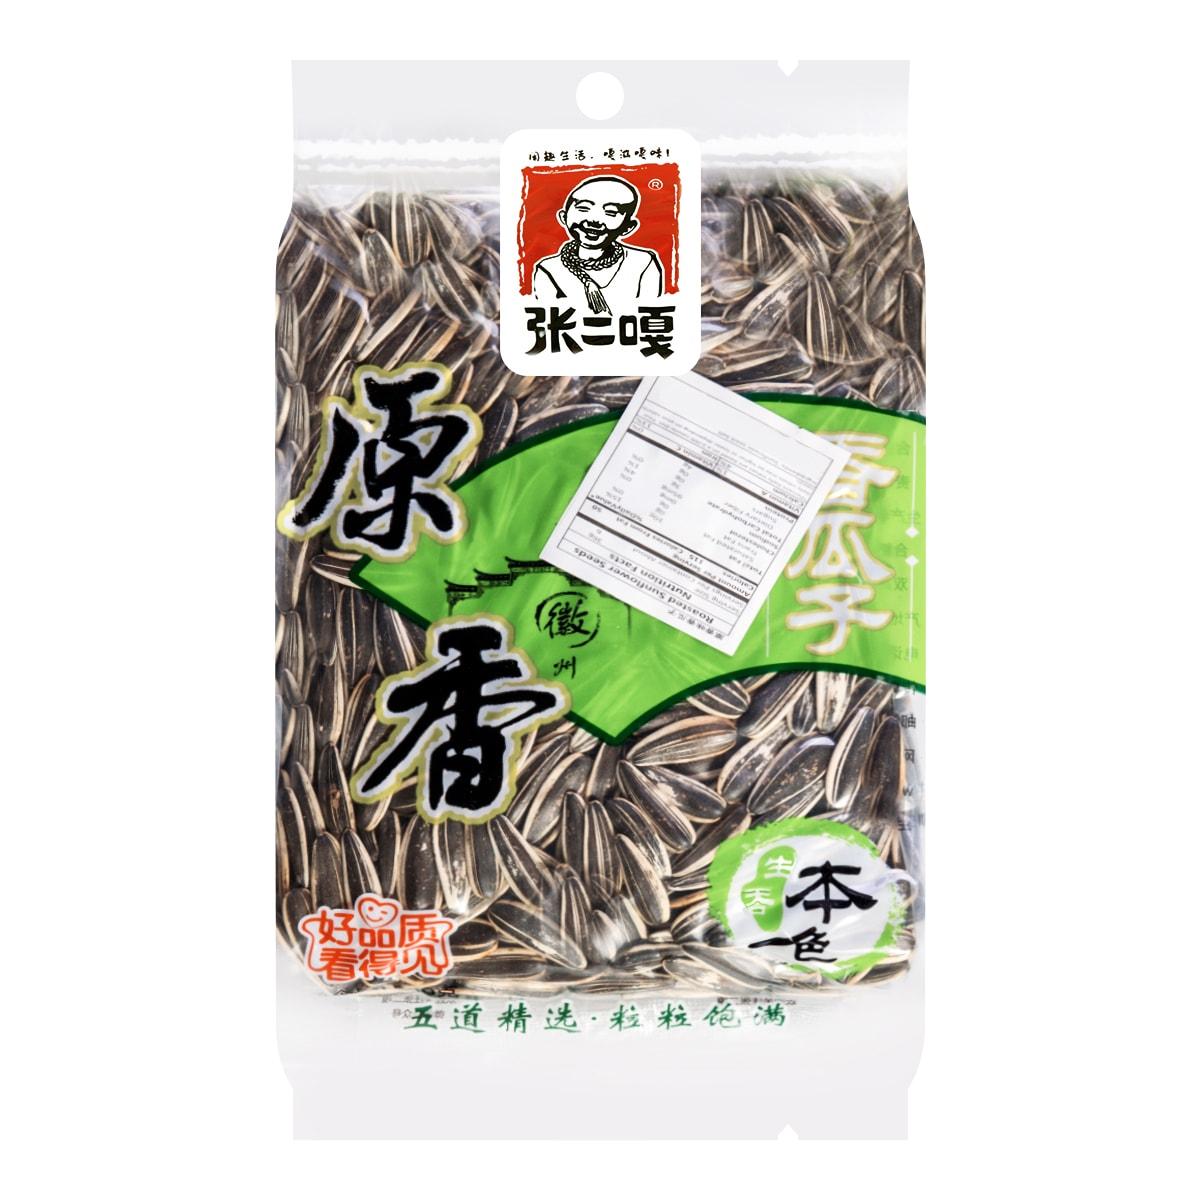 张二嘎  原香味香瓜子  240g